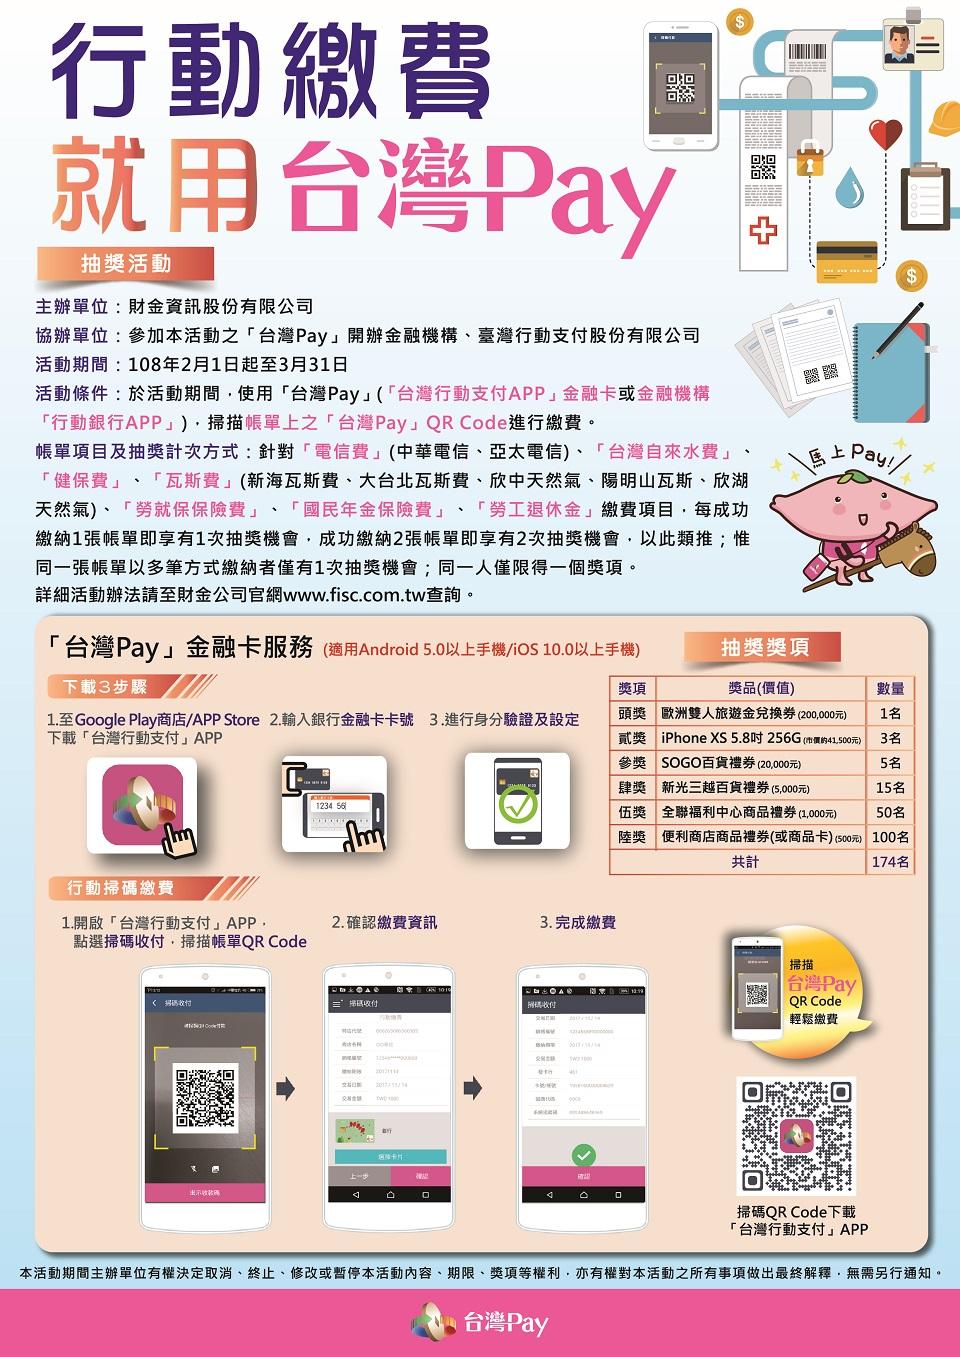 「行動繳費 就用台灣Pay」活動 (1080201-1080331)。